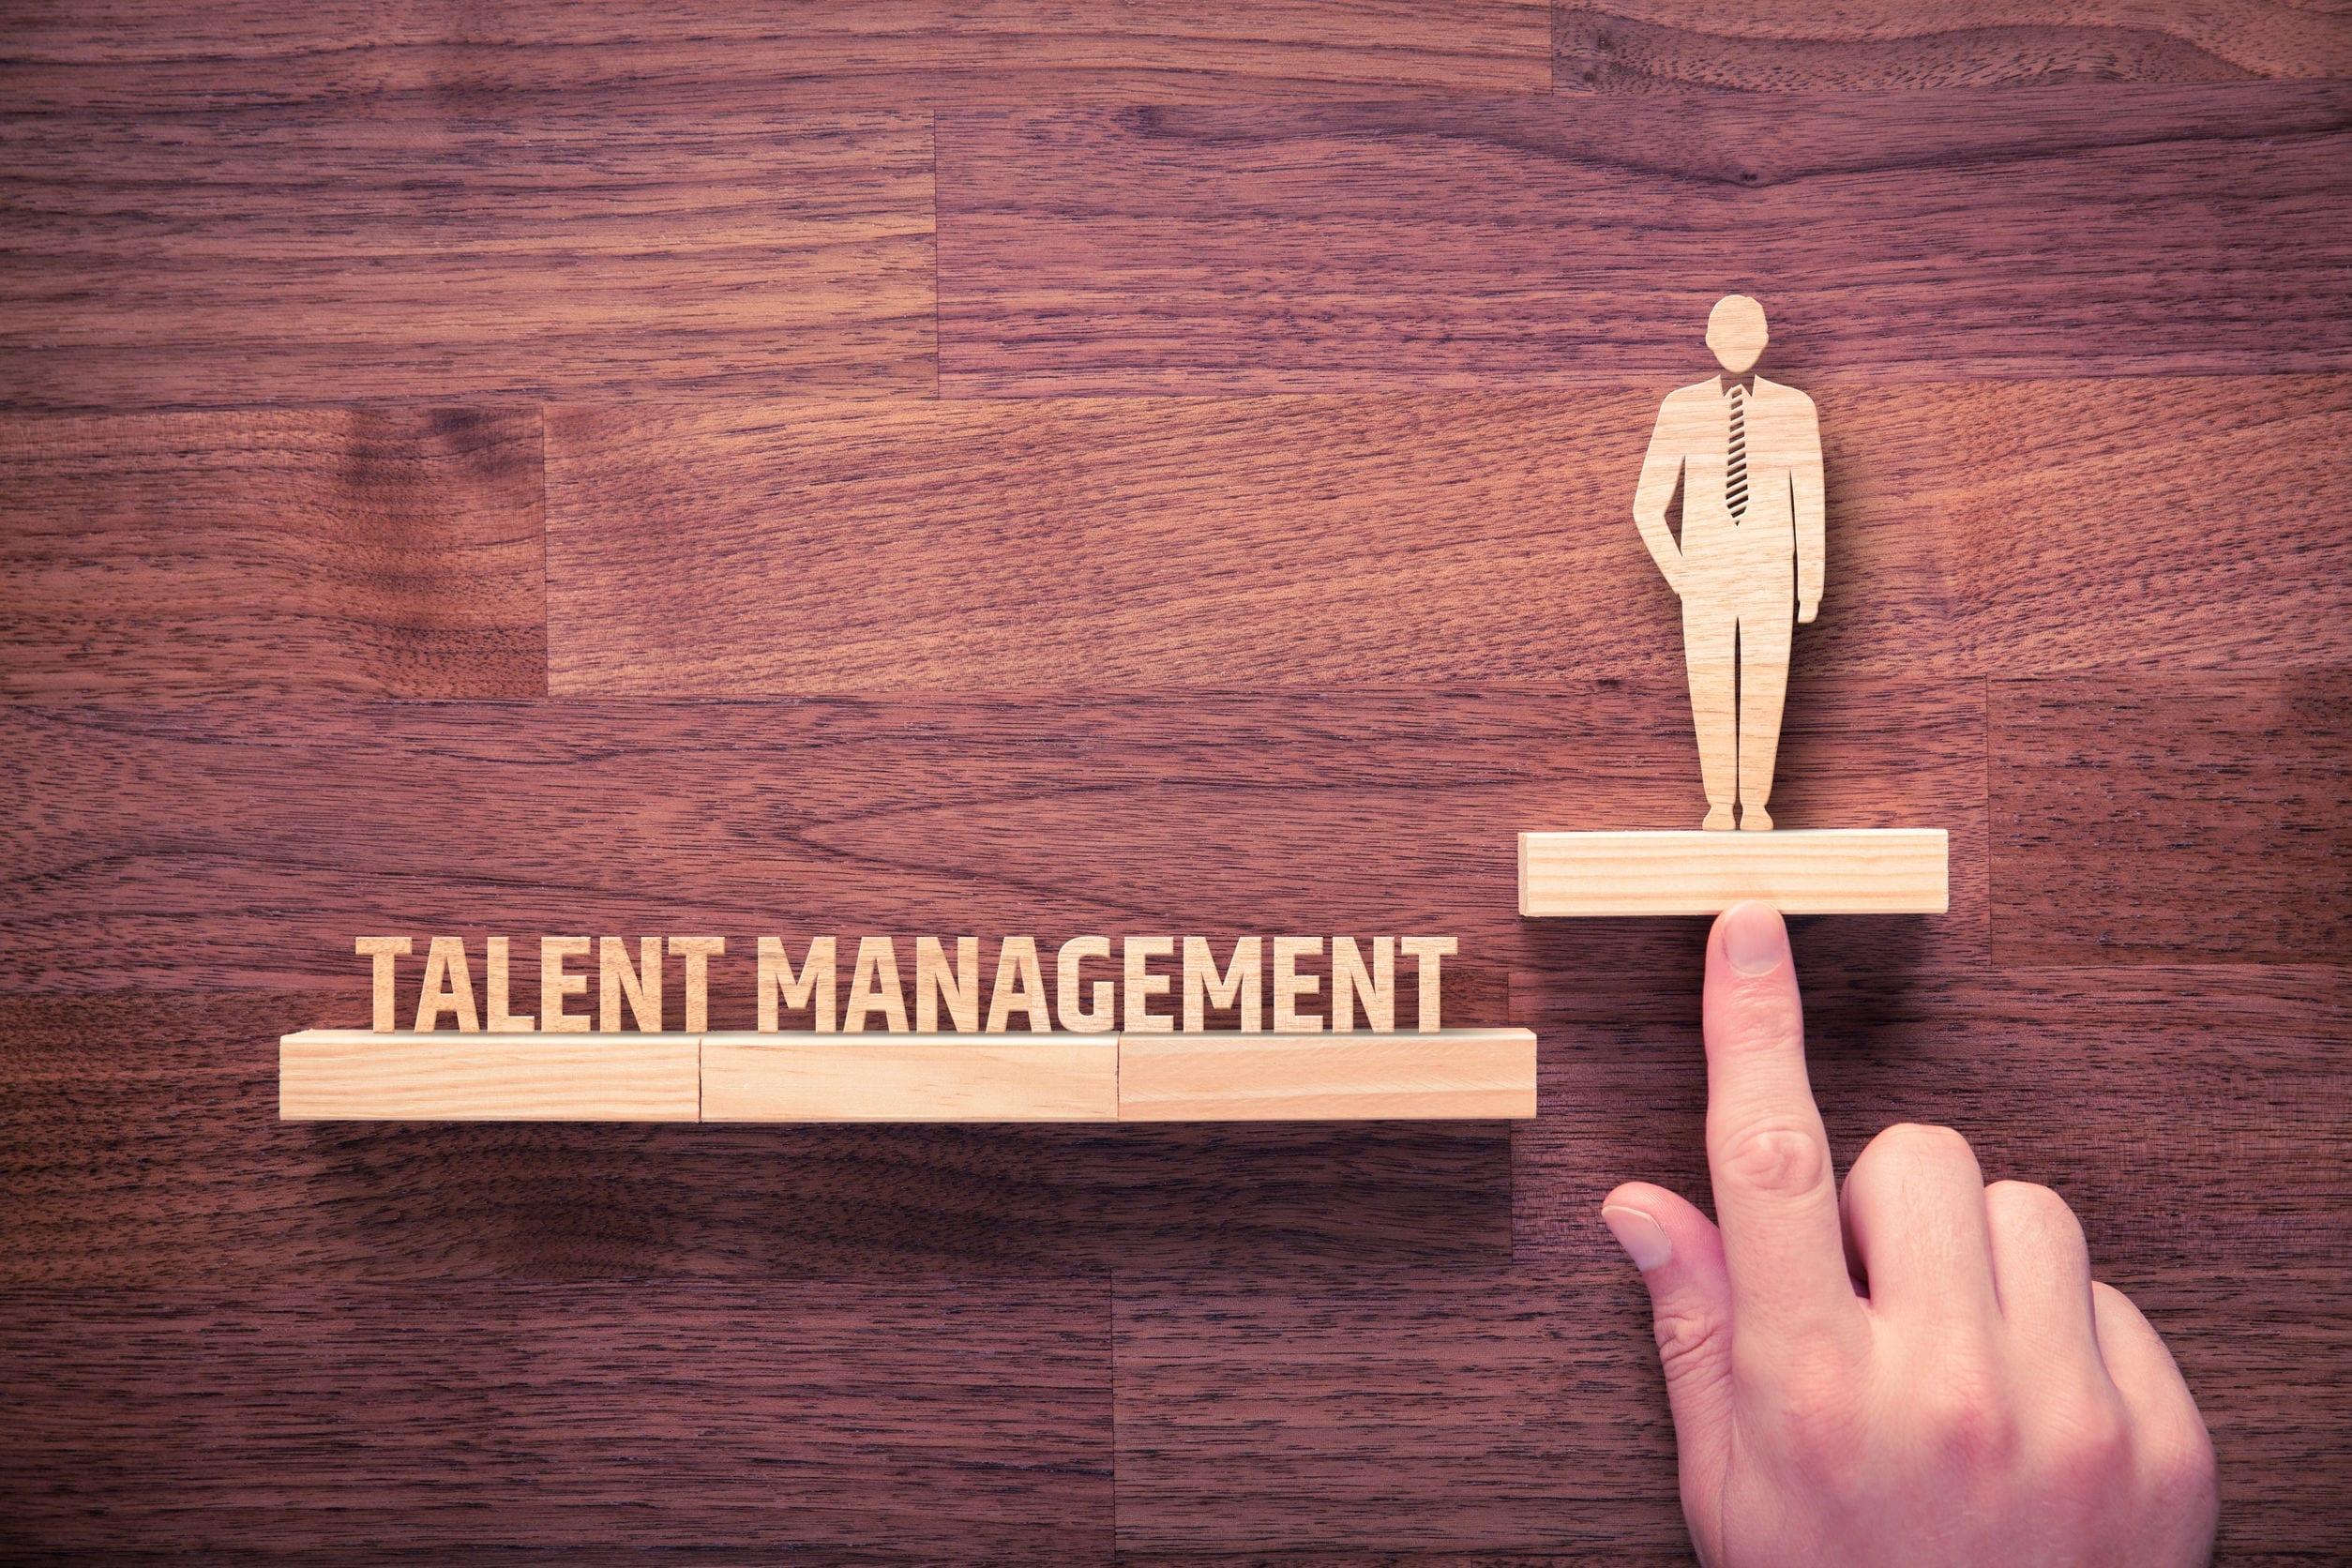 concept de gestion des talents. recruteur en ressources humaines accompagne l'employé dans son développement personnel.